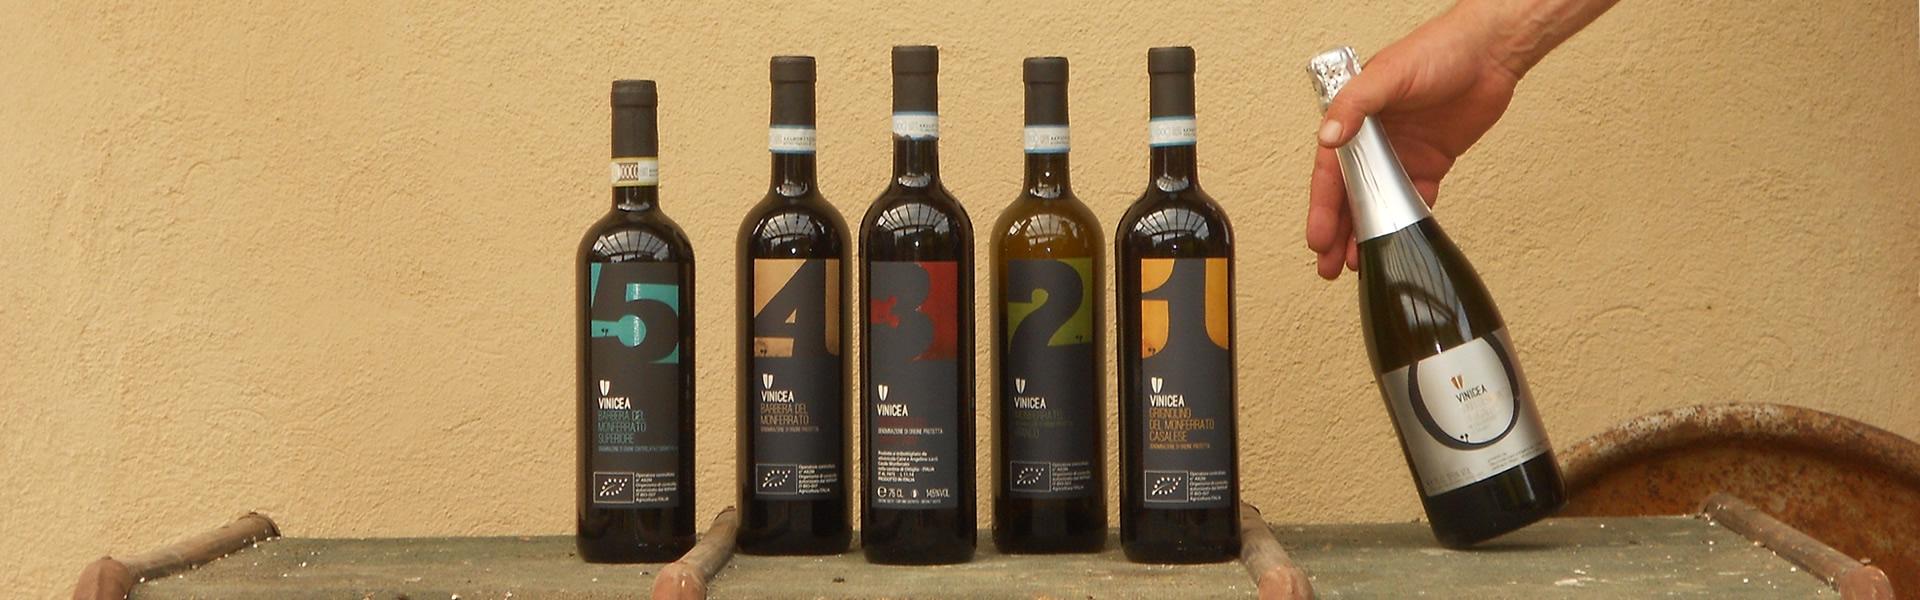 Produzione Vino - Casale Monferrato (AL)